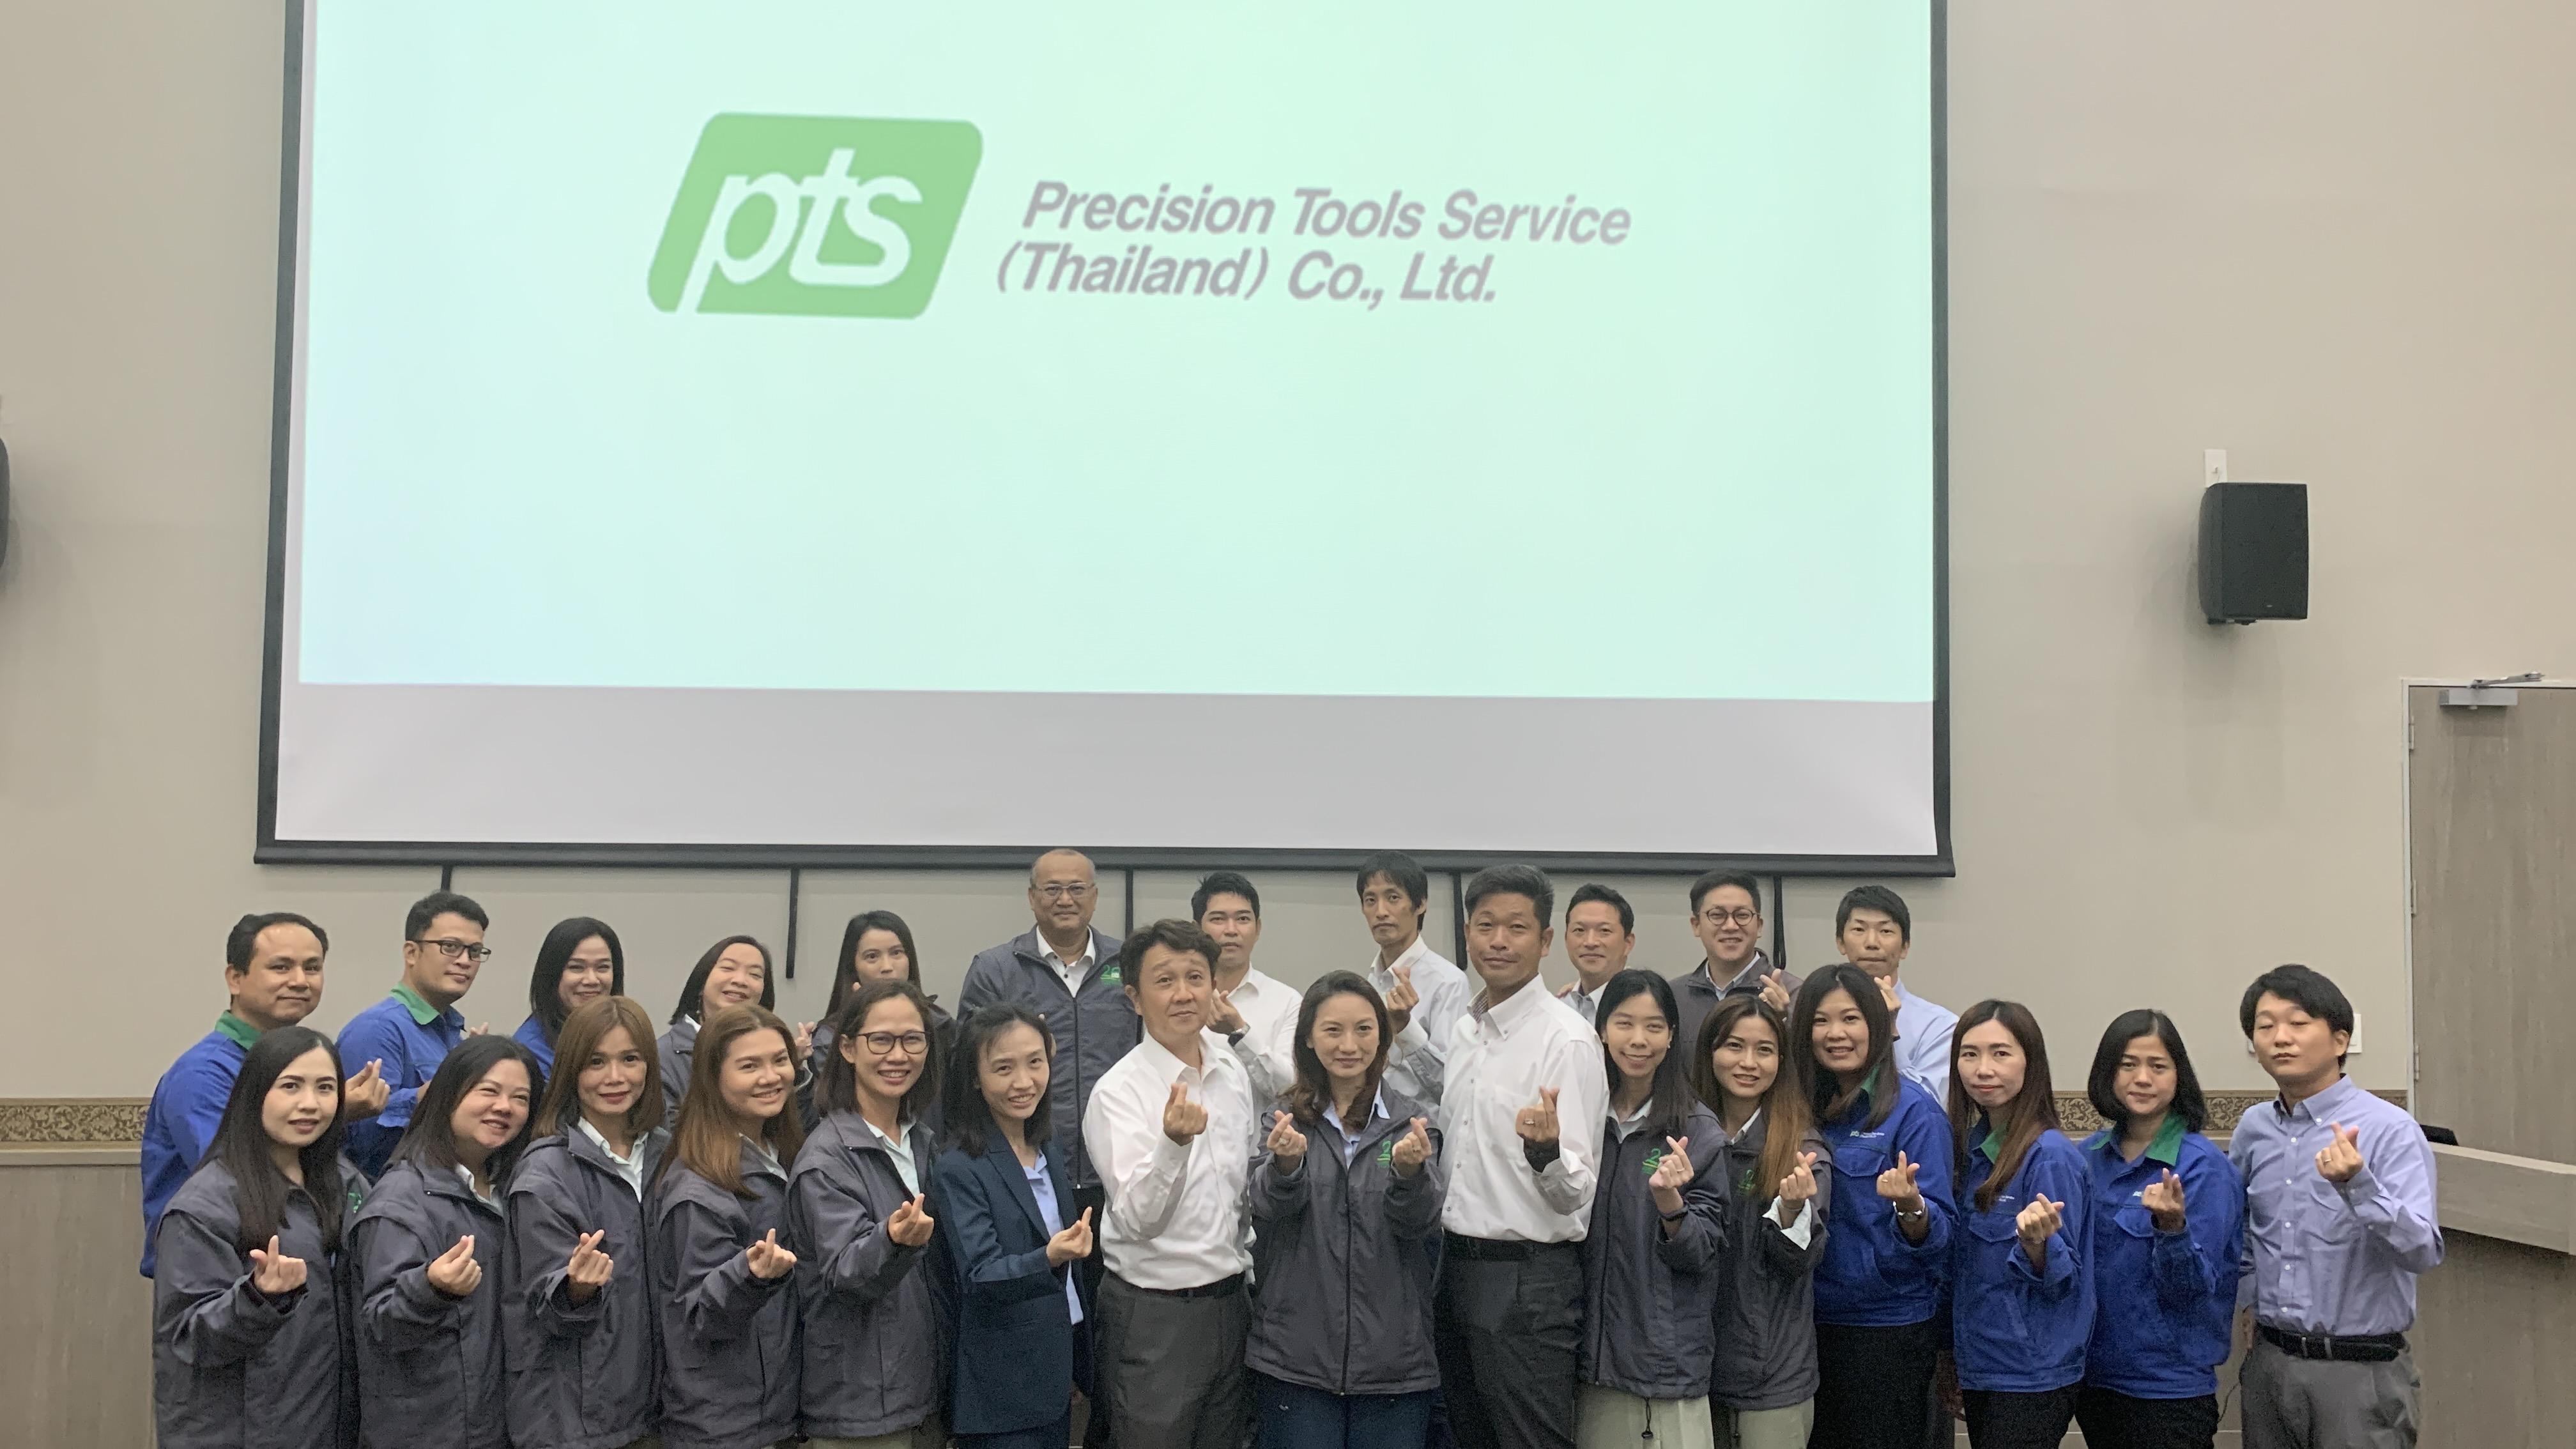 【帰任挨拶】長年のタイ生活を終え、今後は株式会社 東陽のグローバル営業部のアジア担当へ